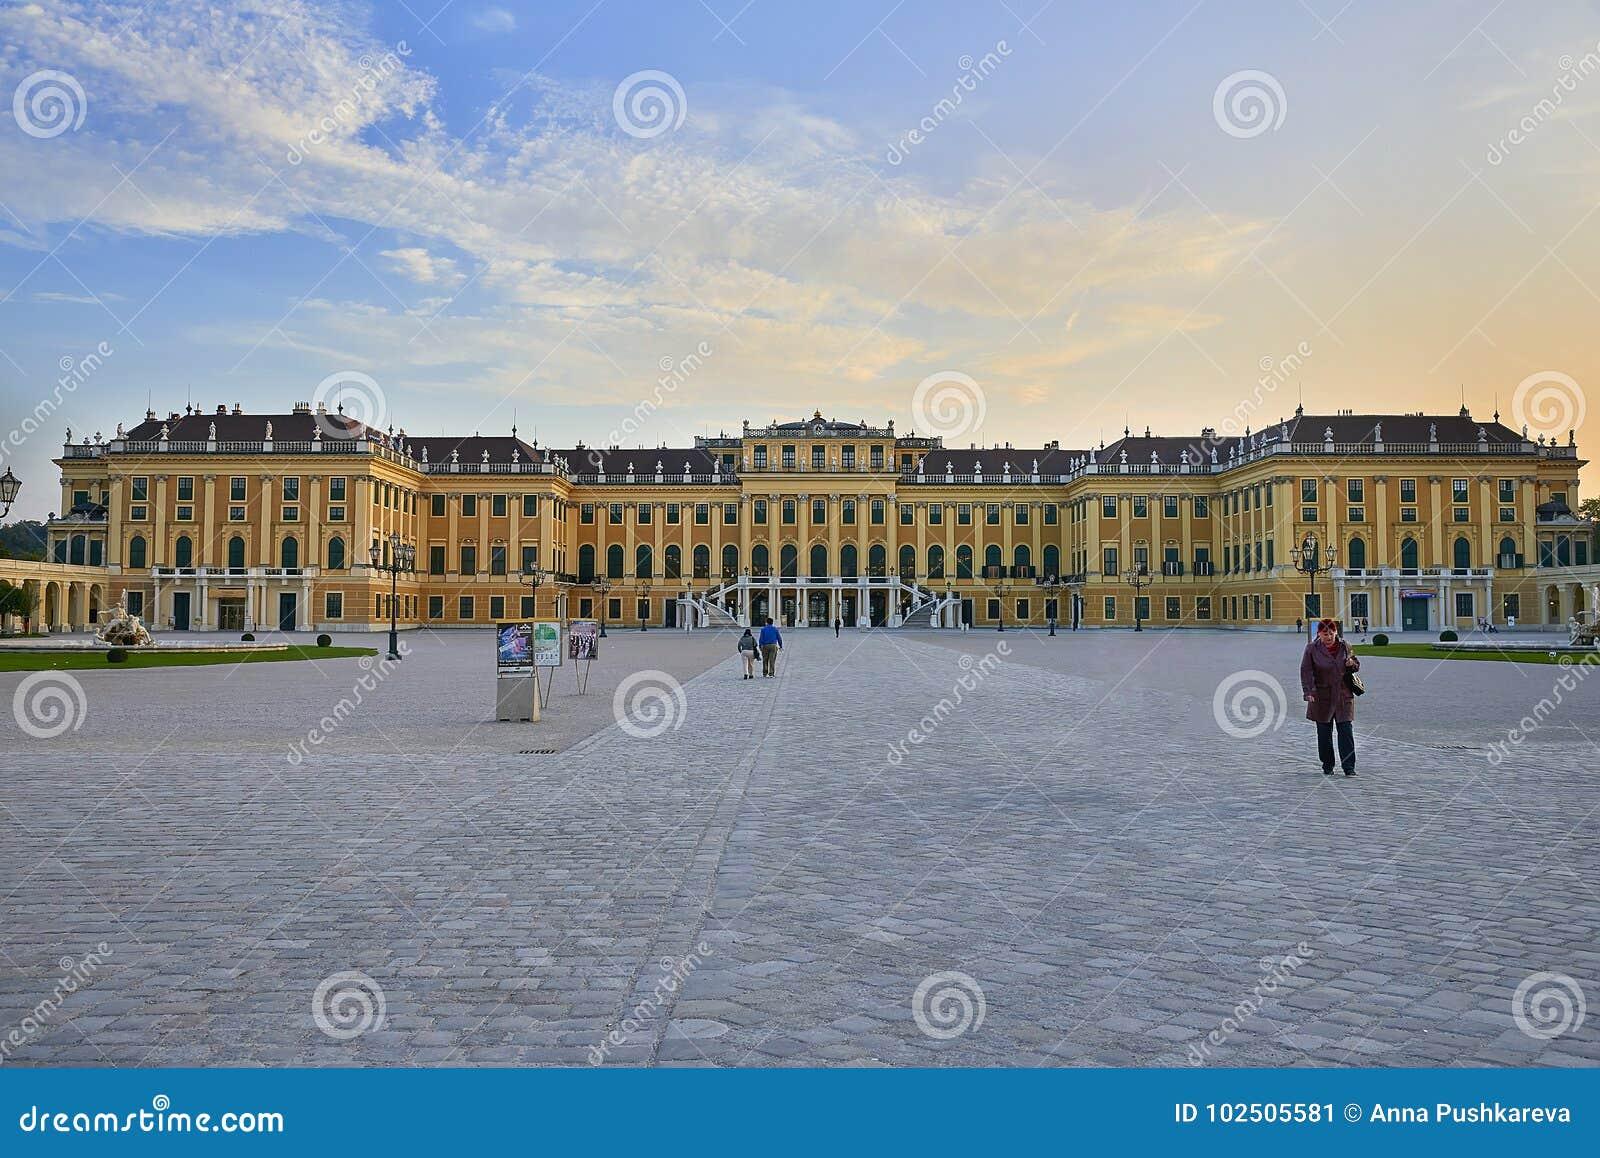 Vienne, Autriche - 25 septembre 2013 : Palais et jardins de Schonbrunn L ancienne résidence impériale d été Le palais est un de T